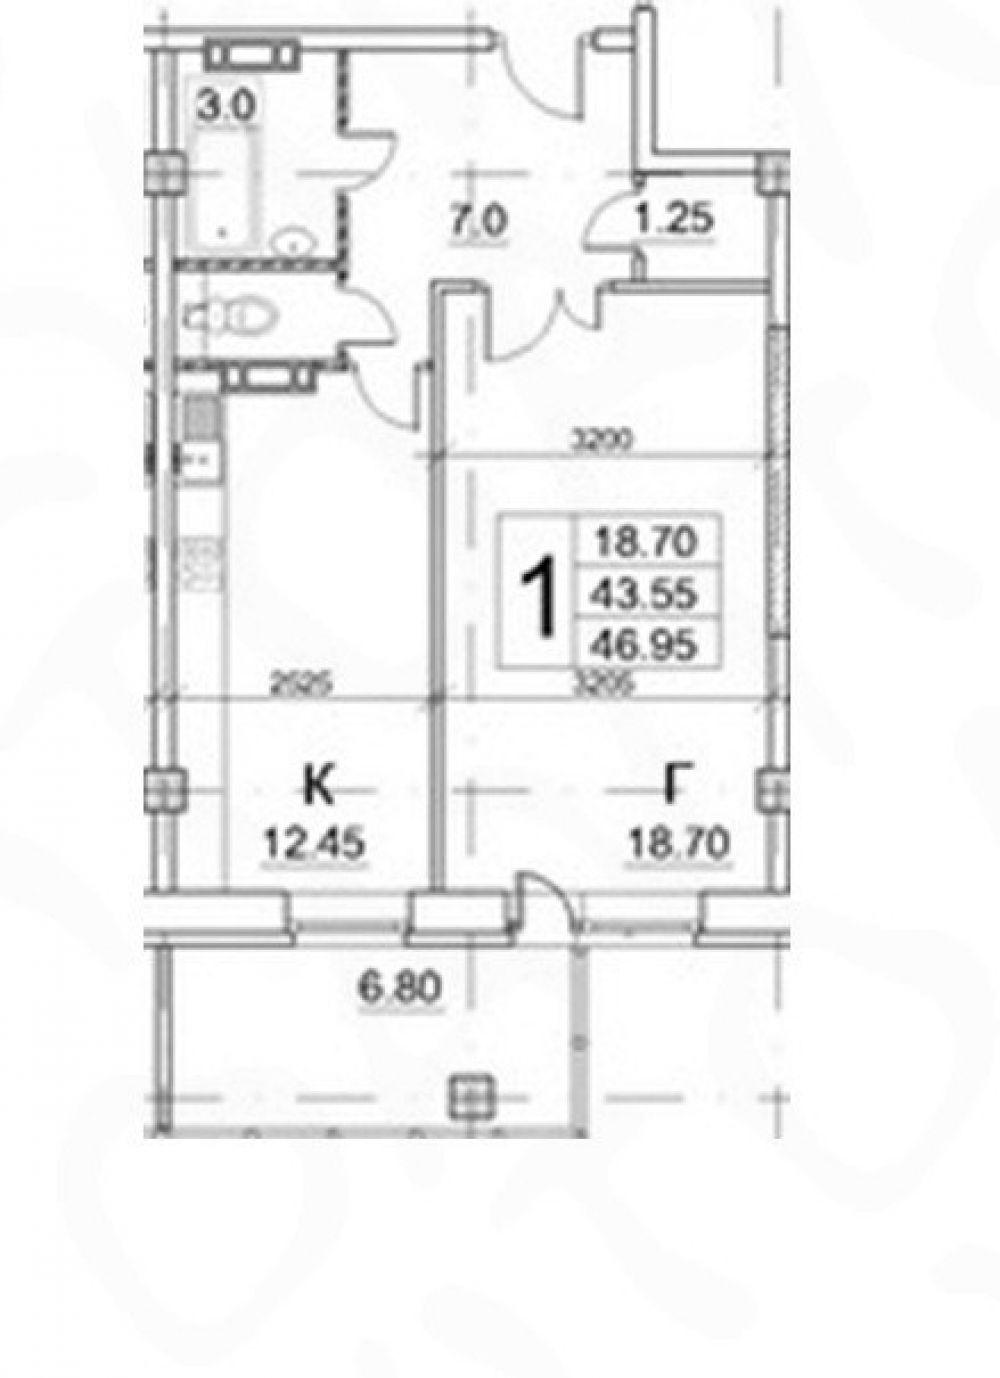 Продается 1-к квартира в Щелково 47 кв.м ул. Радиоцентр дом 17, фото 11